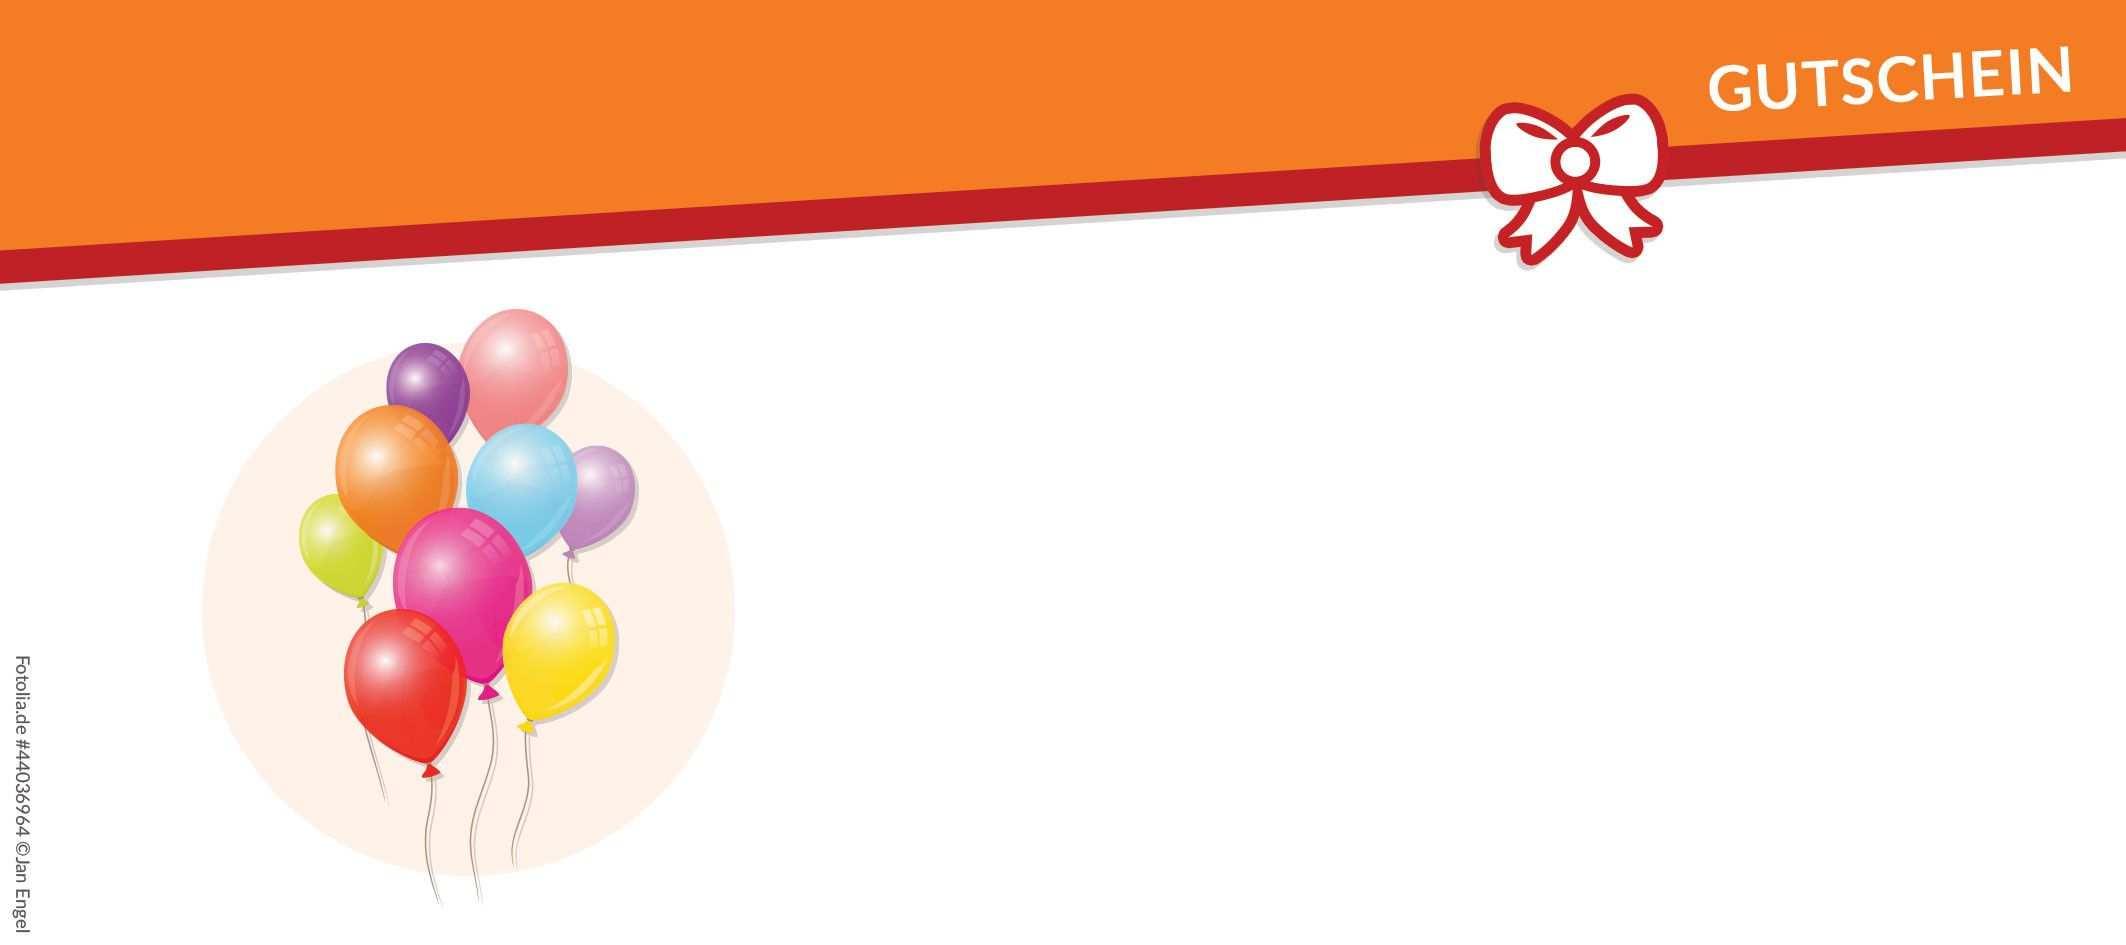 Geburtstagskarte Erstellen Und Ausdrucken Kostenlos Unique Luftballons Gutschein Vorlagen Und Vor Geburtstagskarte Geburtstagskarte Erstellen Gutschein Vorlage